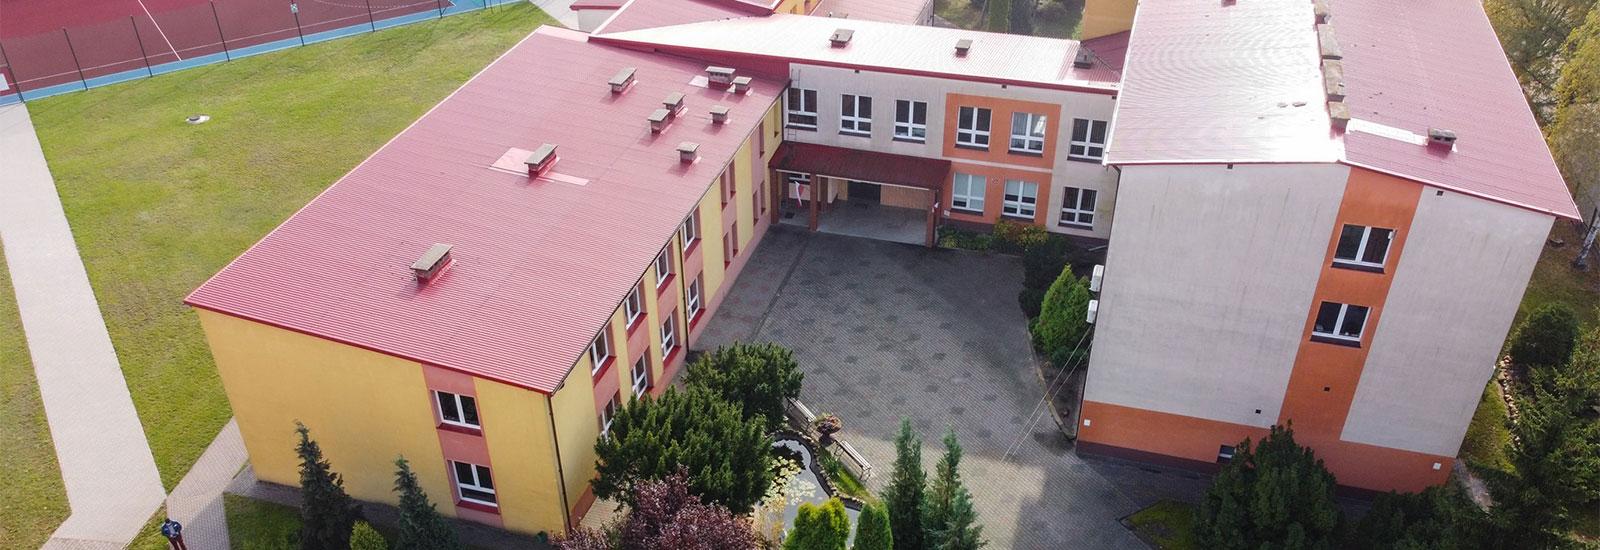 Загальноосвітній ліцей та школа у Влодаві